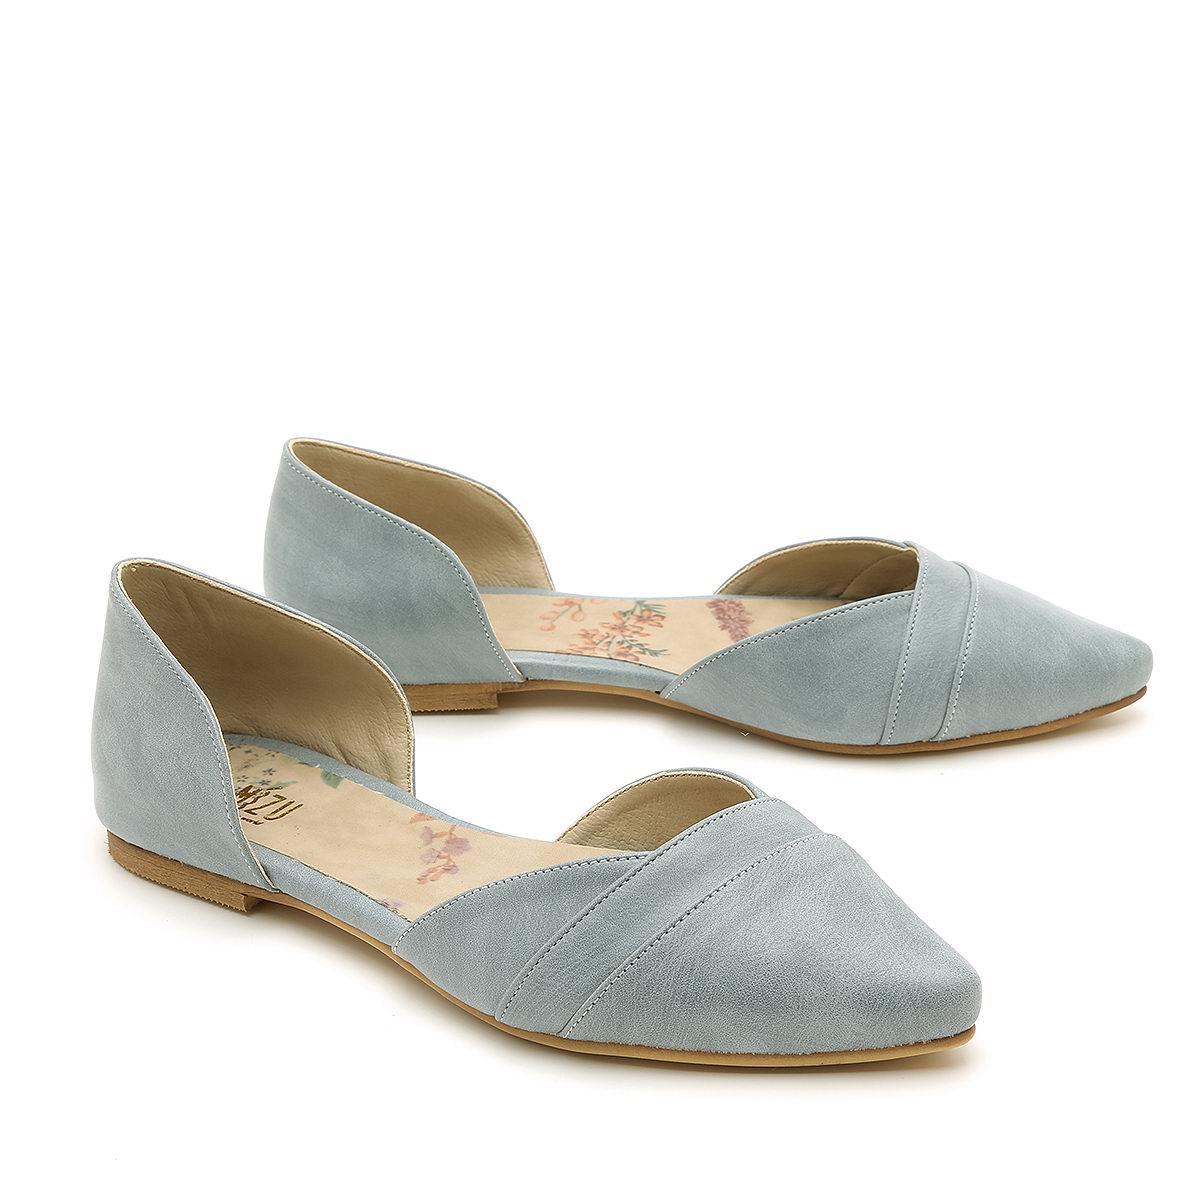 דגם אנה: נעלי שפיץ טבעוניות